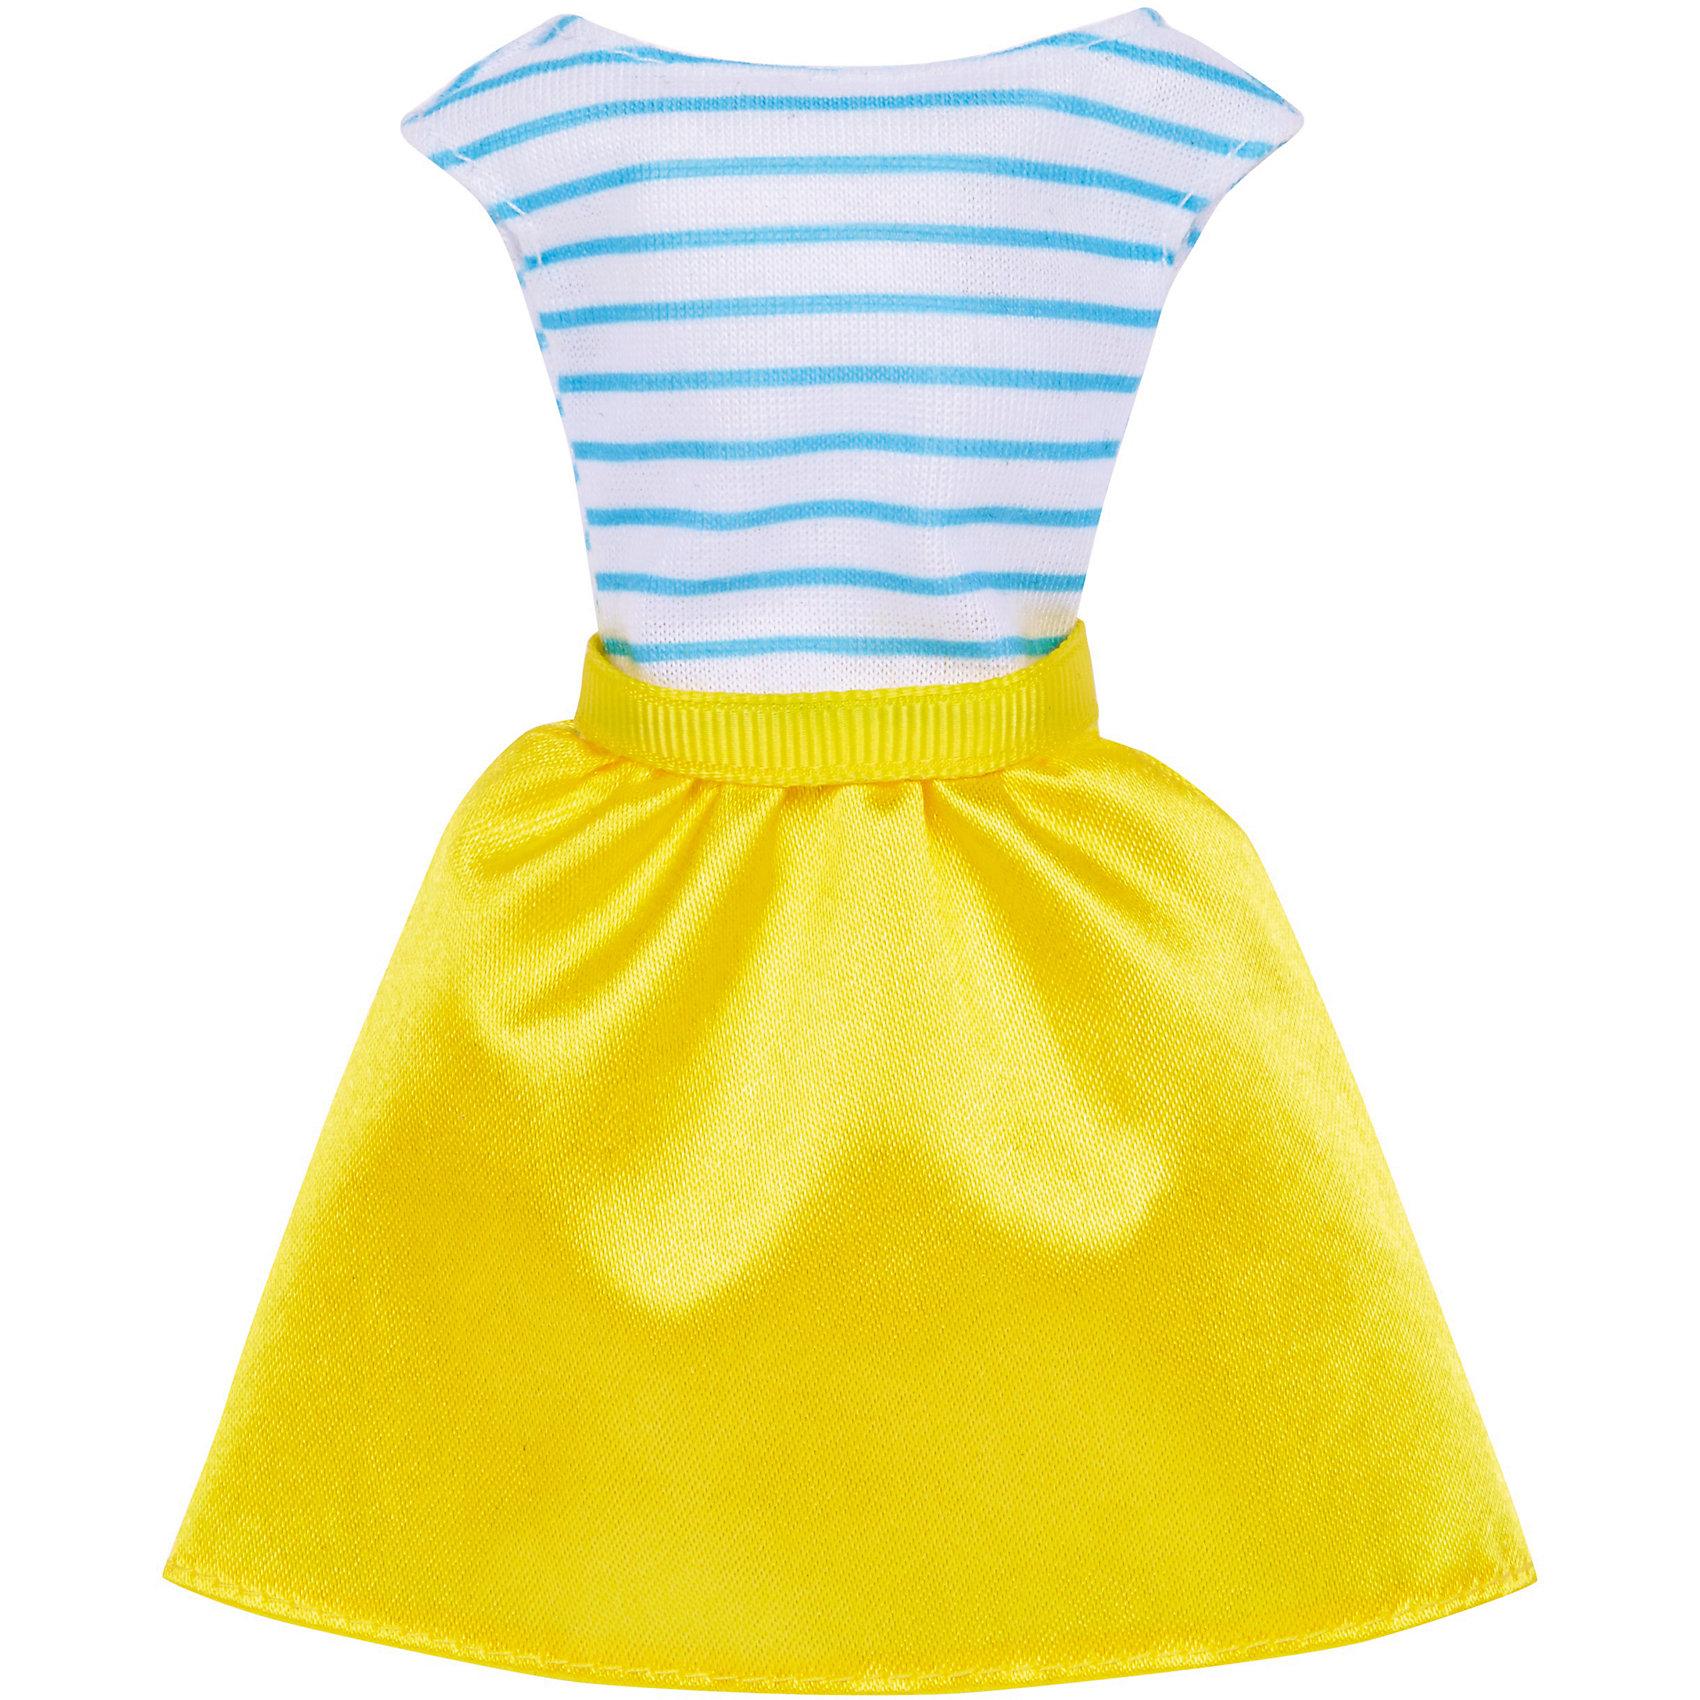 Одежда для Barbie Игра с модойBarbie<br>Одежда для Barbie Игра с модой – это изящные комплекты одежды для любимой куклы Барби.<br>Когда возможности безграничны, гардероб должен быть таким же! В этих ультрамодных нарядах кукла Барби (продается отдельно) будет неотразима с утра до вечера. У платьев простой, но элегантный покрой, современная расцветка, рисунок и детали. Они позволят создать множество ярких и разнообразных образов (предметы продаются по отдельности). Если собрать всю коллекцию одежды для куклы Барби, можно будет подобрать наряды для самых разных сюжетов!<br><br>Дополнительная информация:<br><br>- В наборе: одно платье<br>- Кукла продается отдельно<br>- Платья подходят для большинства кукол Барби<br>- Материал: текстиль<br><br>Одежду для Barbie Игра с модой можно купить в нашем интернет-магазине.<br><br>Ширина мм: 156<br>Глубина мм: 78<br>Высота мм: 10<br>Вес г: 18<br>Возраст от месяцев: 36<br>Возраст до месяцев: 96<br>Пол: Женский<br>Возраст: Детский<br>SKU: 5201250